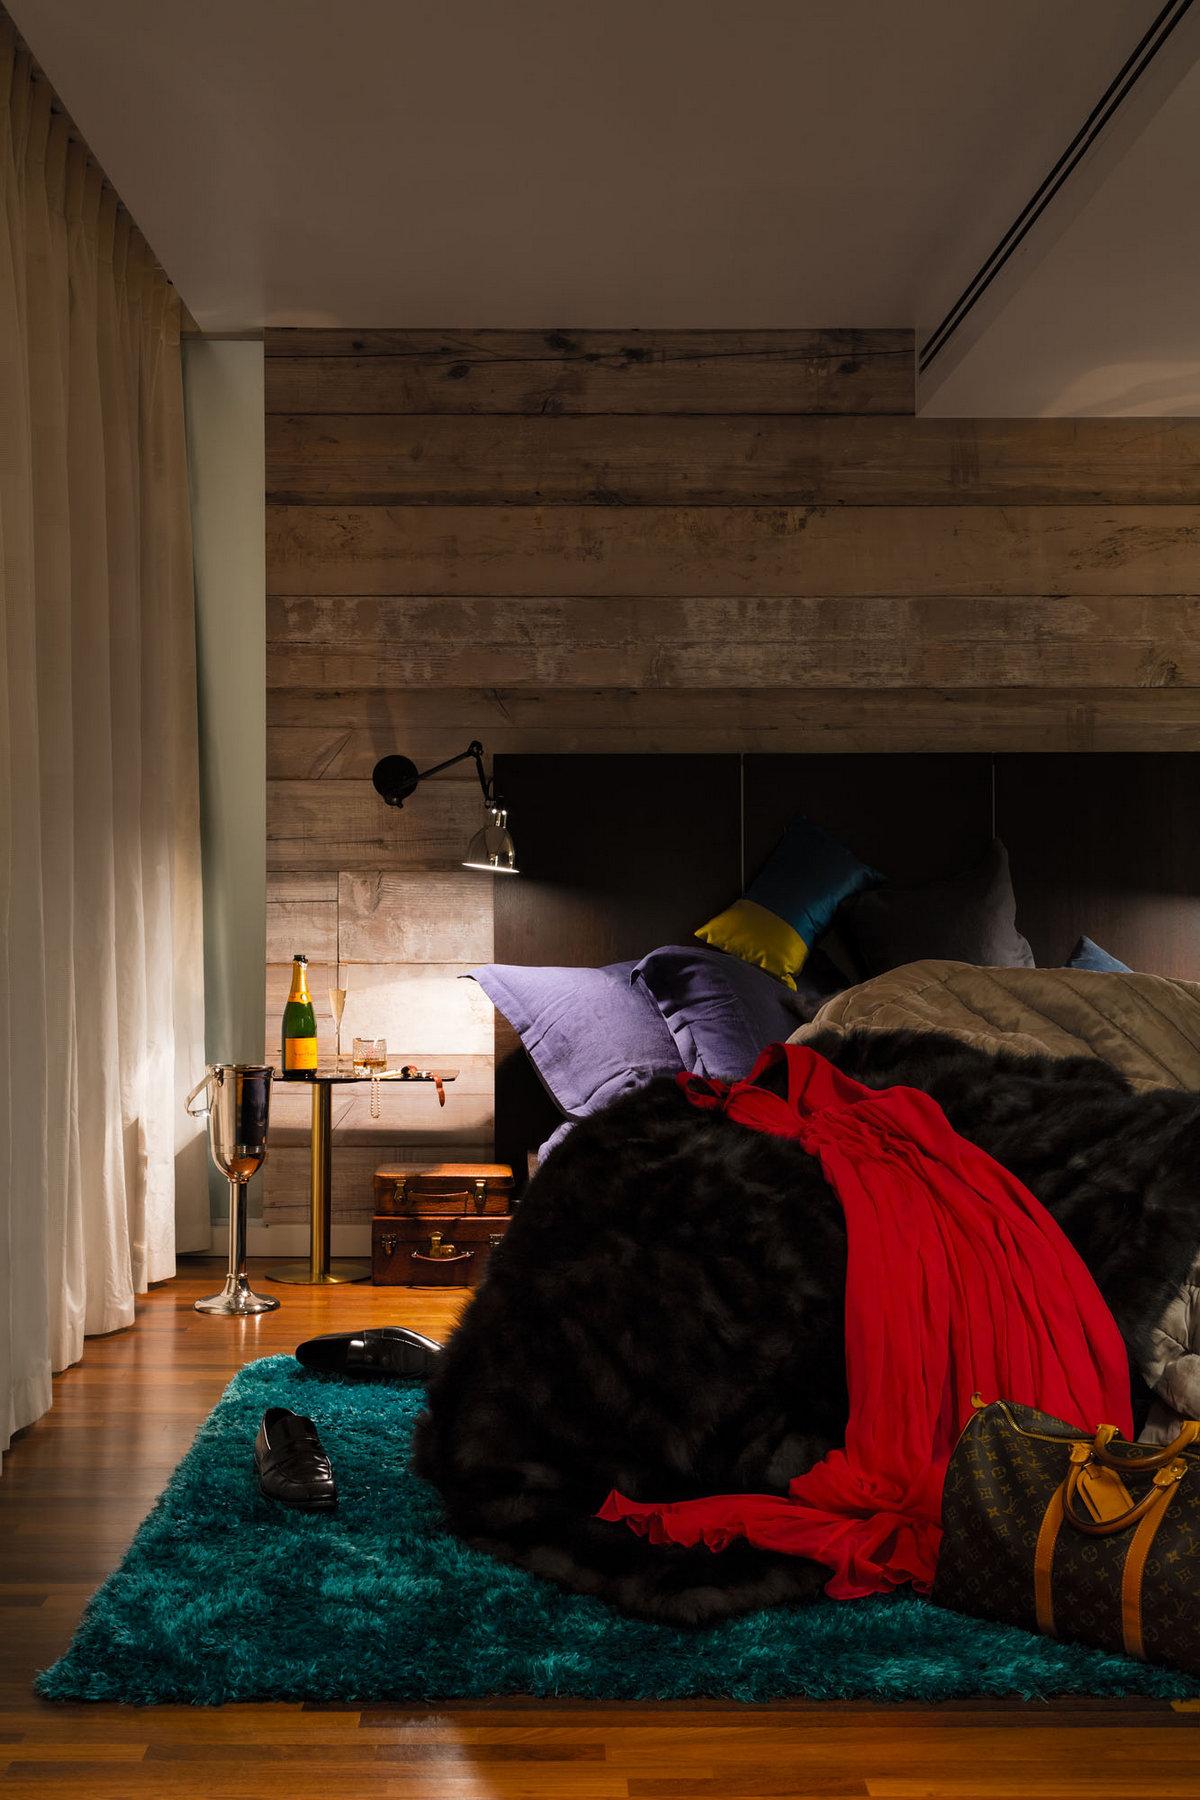 Daniel Hopwood, пентхаус Night and Day, холостяцкий интерьер, интерьер для мужчины, мужской интерьер квартиры, пентхаус в Лондоне, шикарный интерьер